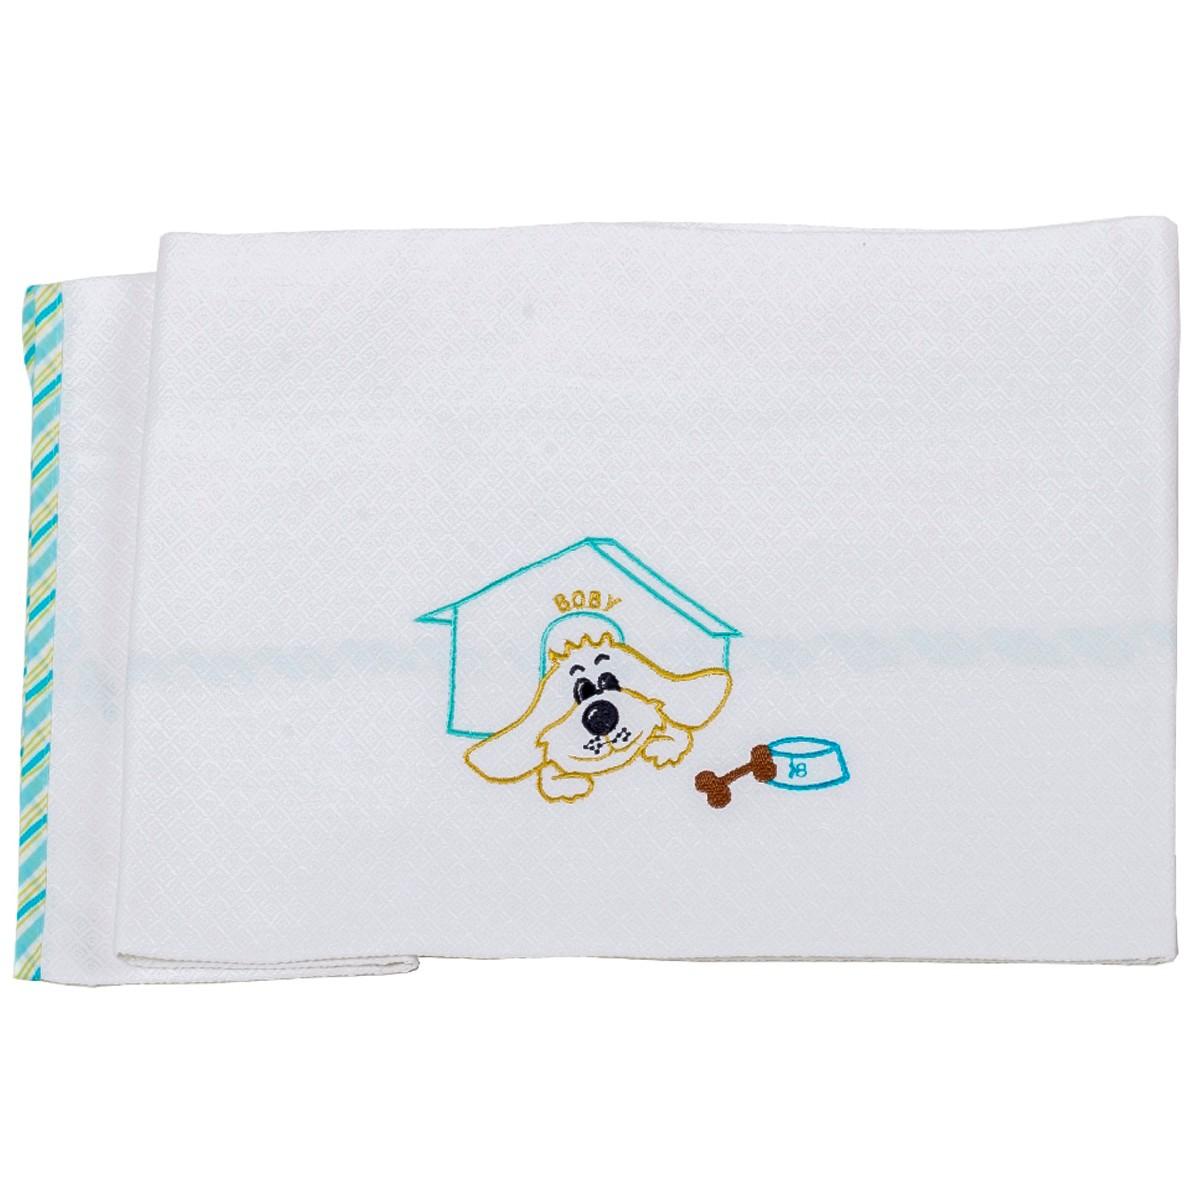 Κουβέρτα Πικέ Κούνιας Κόσμος Του Μωρού Boby 0303 Τυρκουάζ